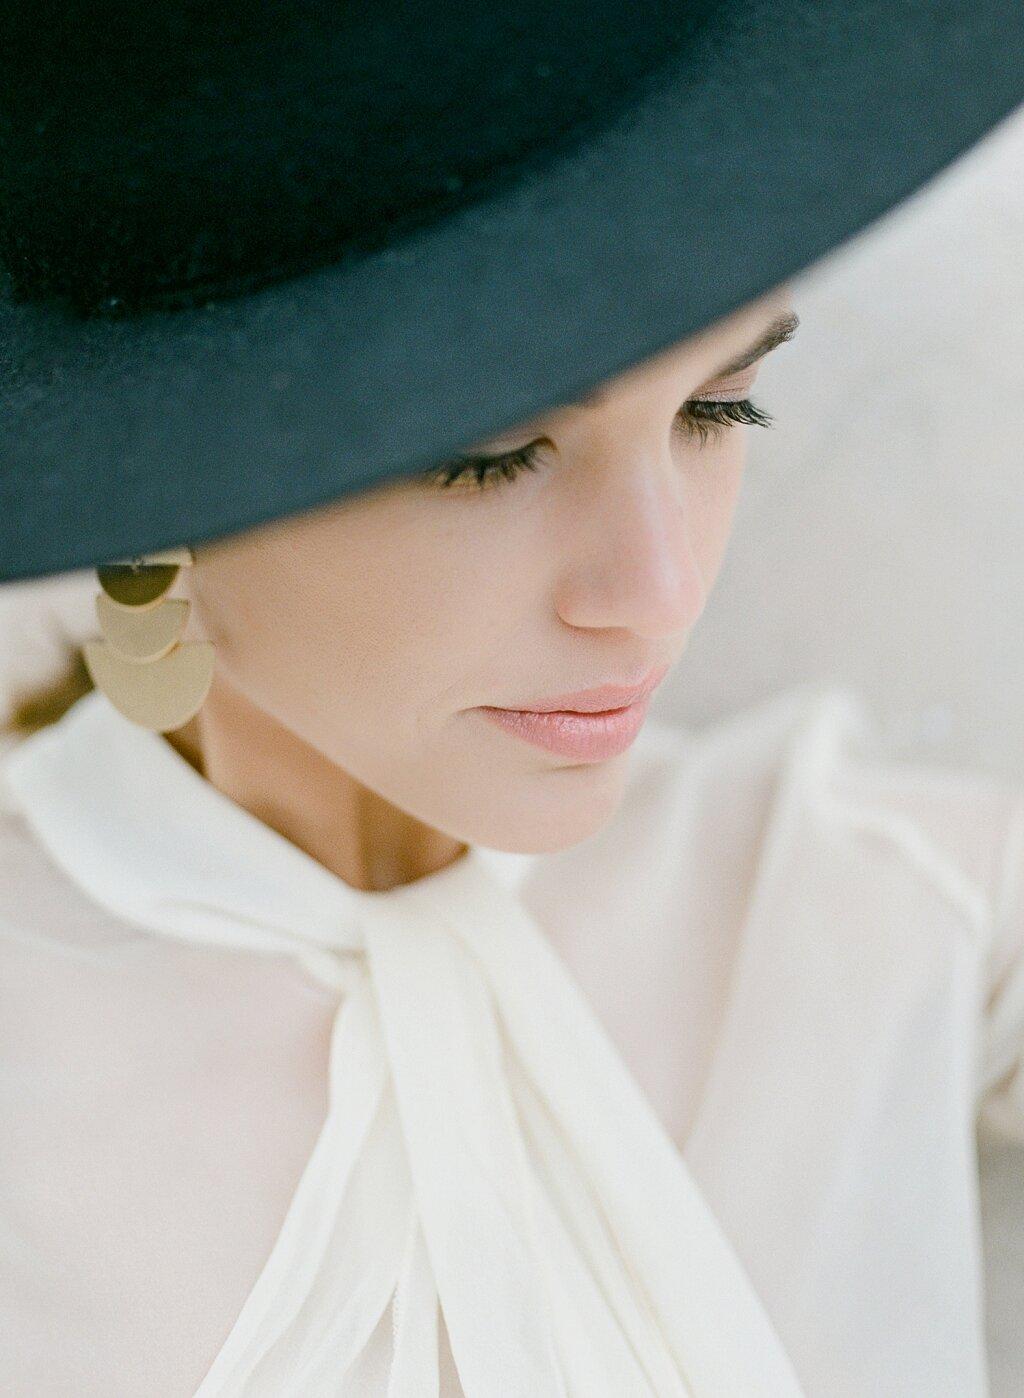 Fashion-engagement-shoot-Ravello-Italy-Amalfi Coast_Tanja Kibogo (10).JPG